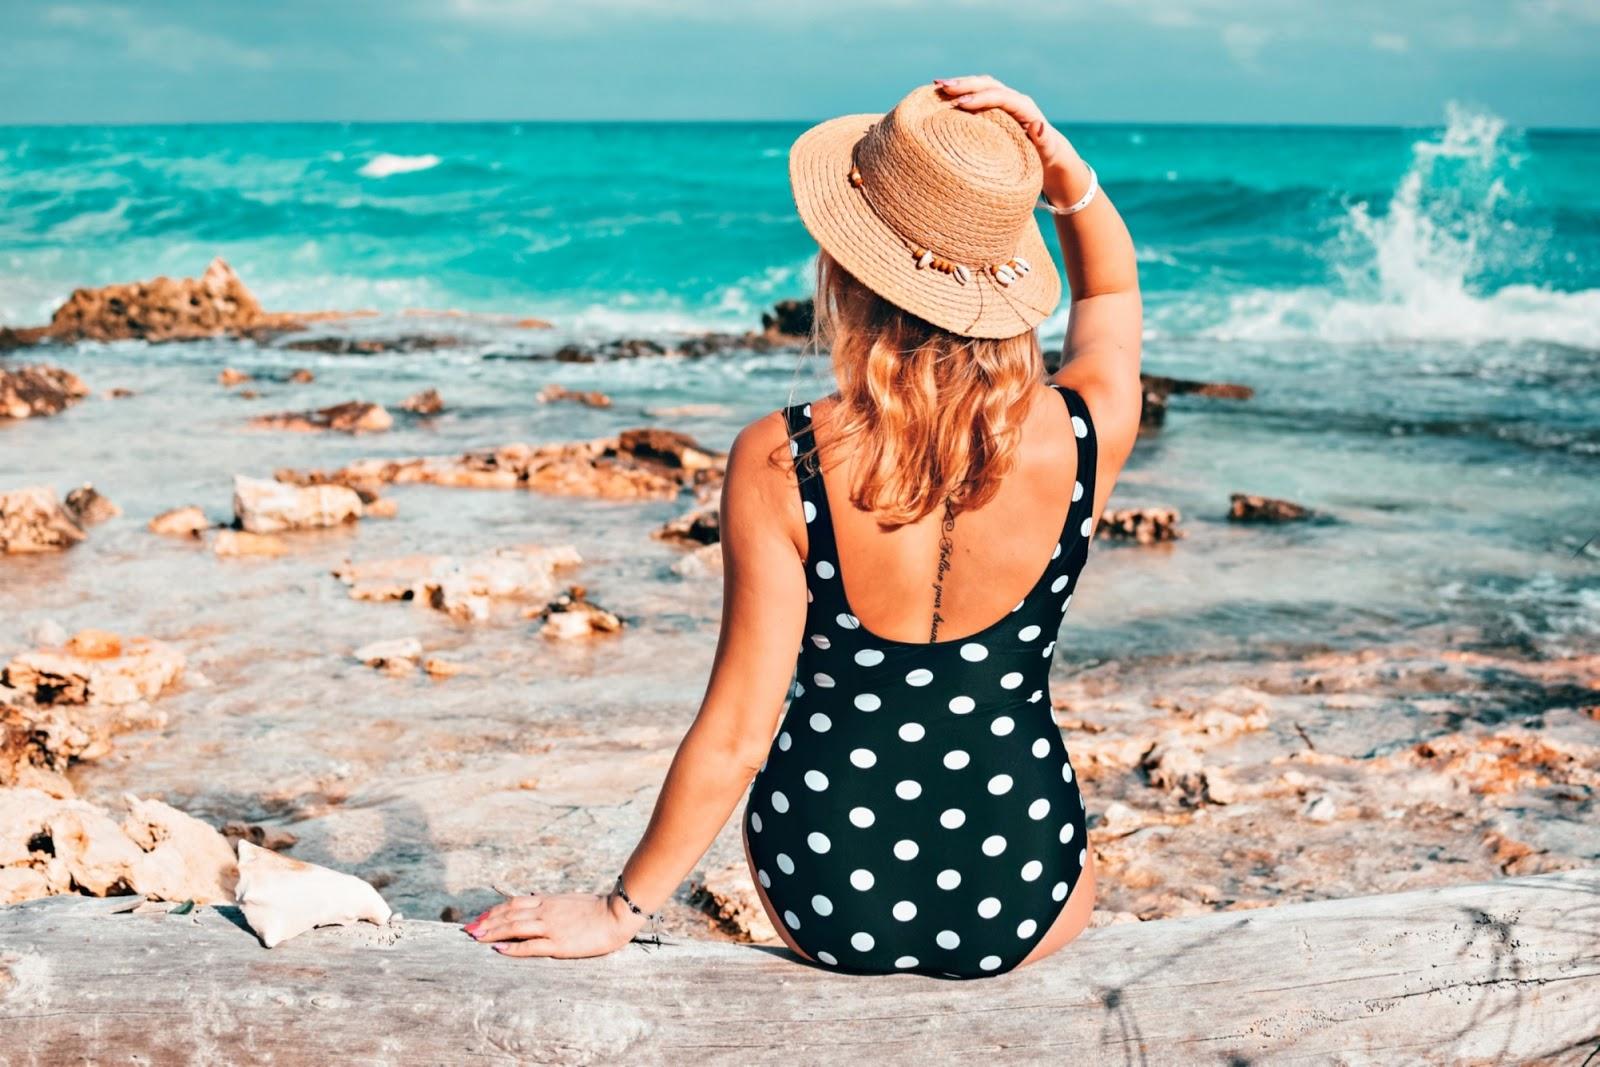 Sezon na grochy uważam za otwarty - moja plażowa stylizacja z Kuby